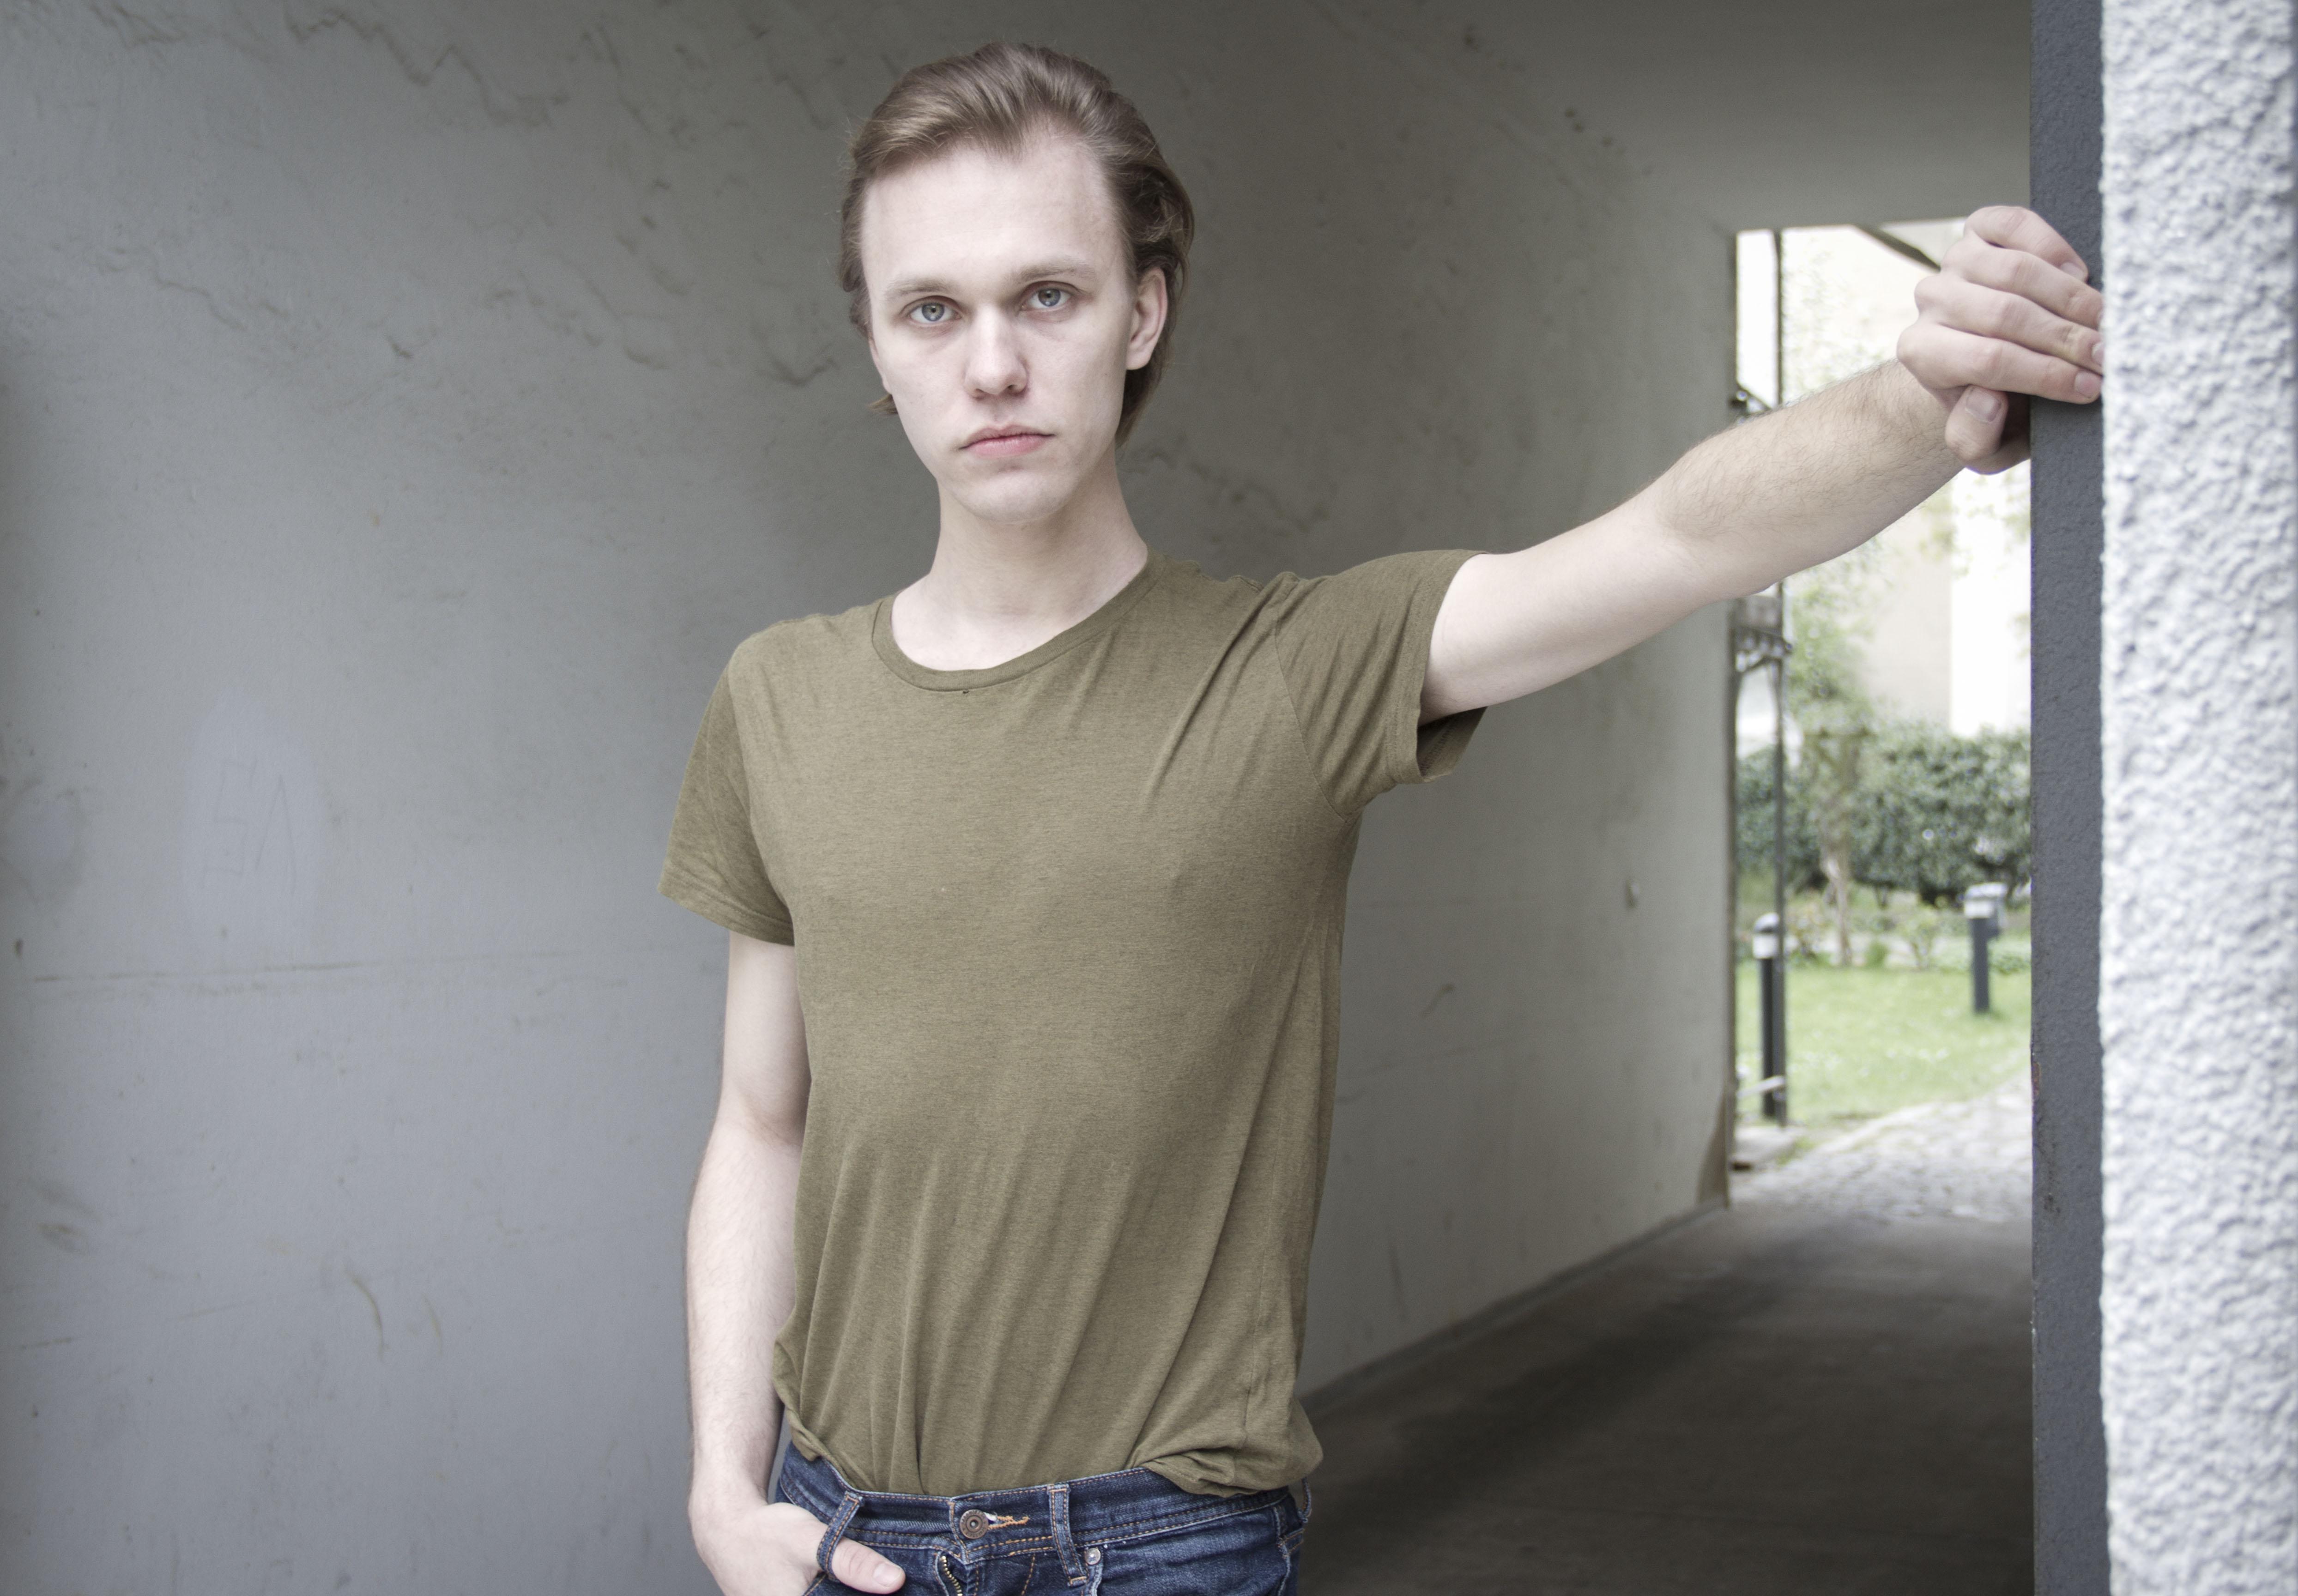 Tristan_Bumm_Actor_Gallery_6